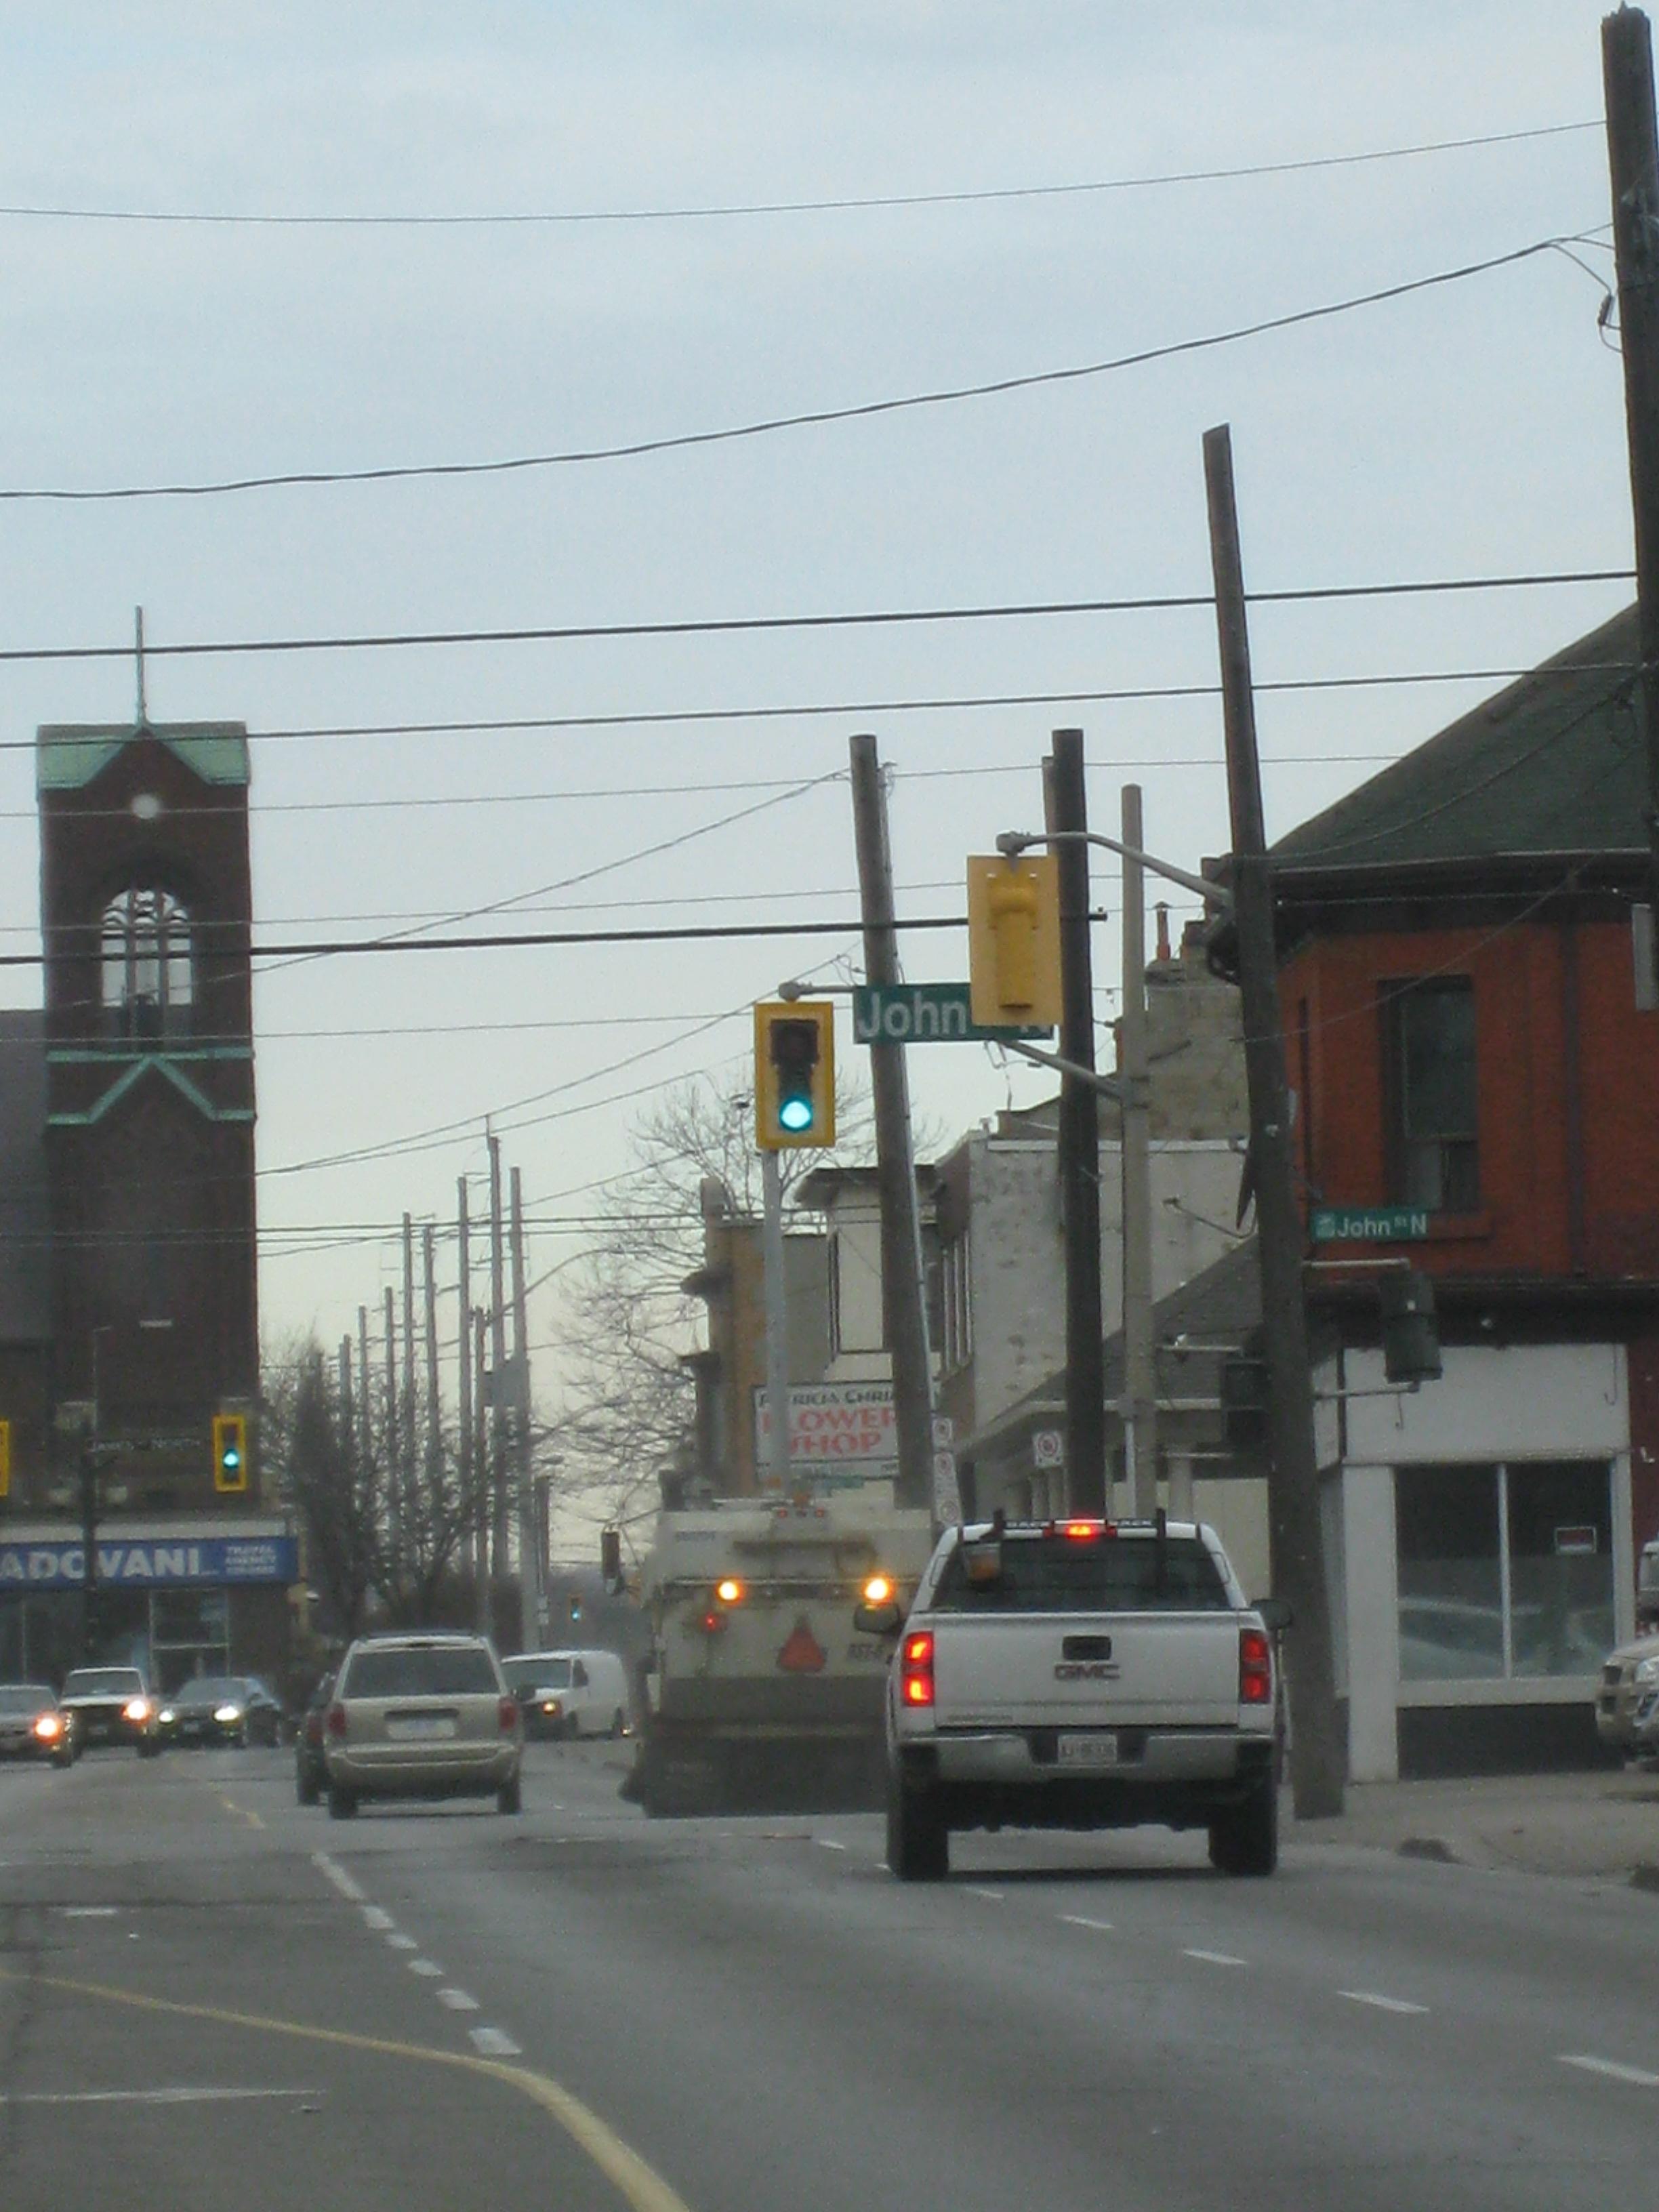 Downtown Hamilton